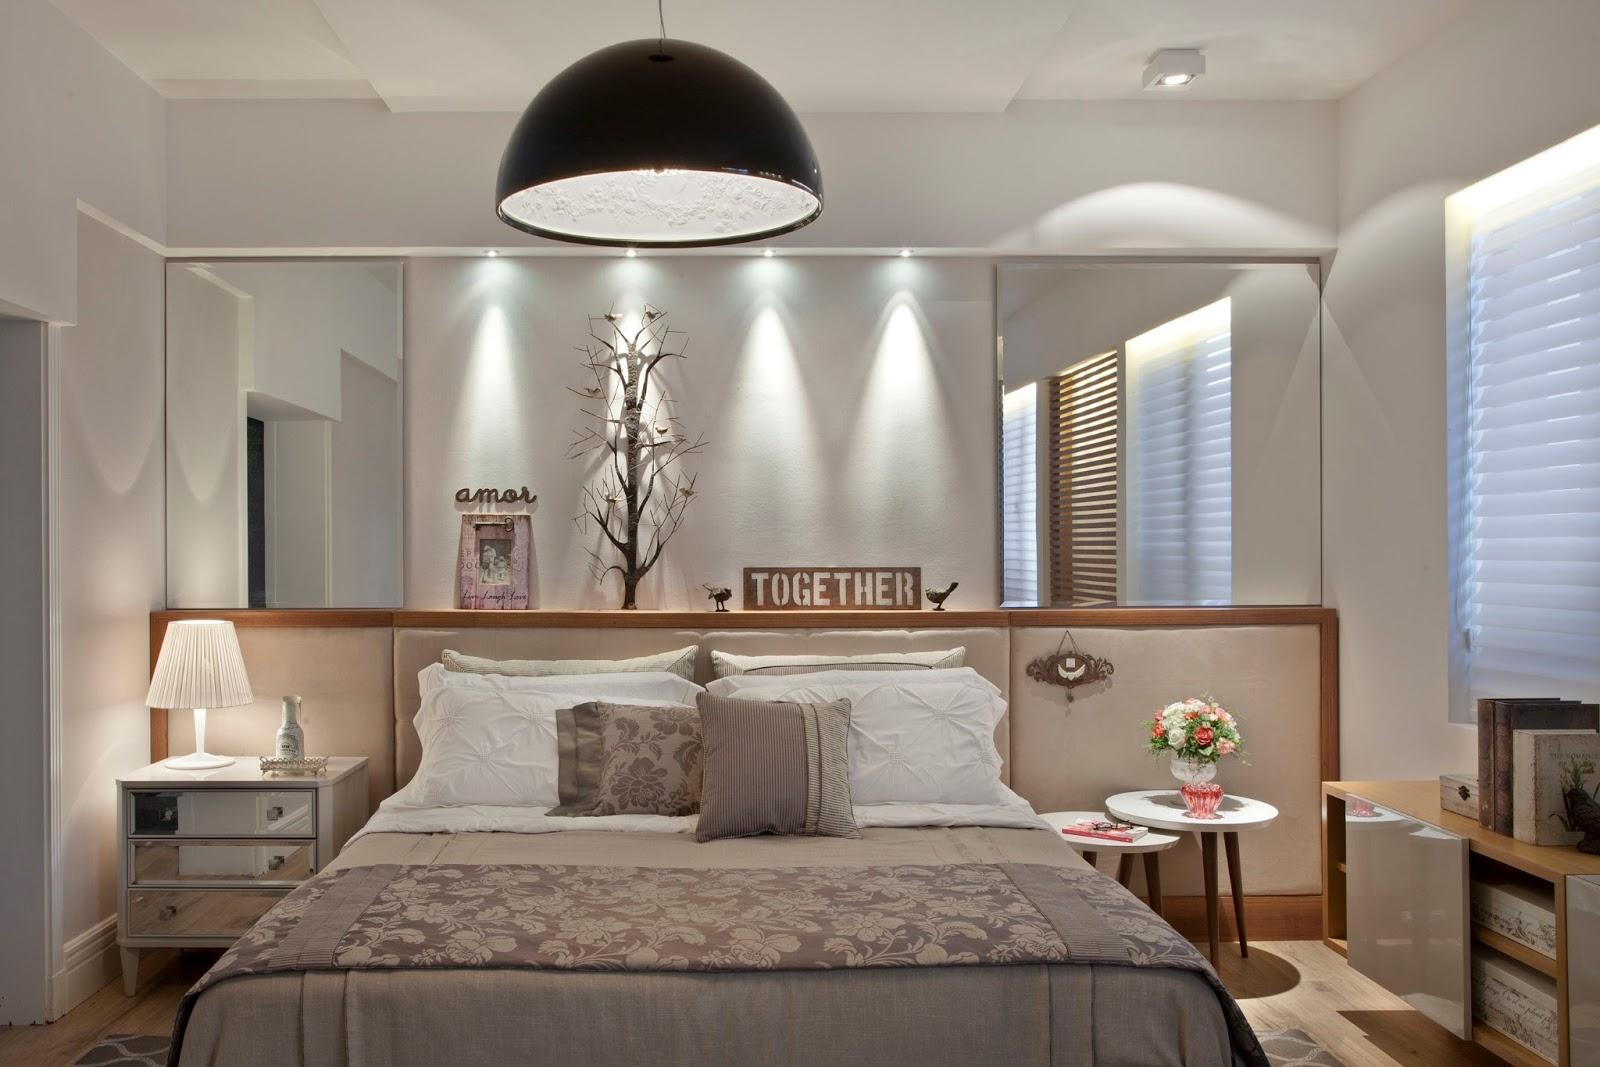 revistas de decoracao de interiores quartos:Ateliê Revestimentos: Campinas Decor 2013 – Quarto do Casal